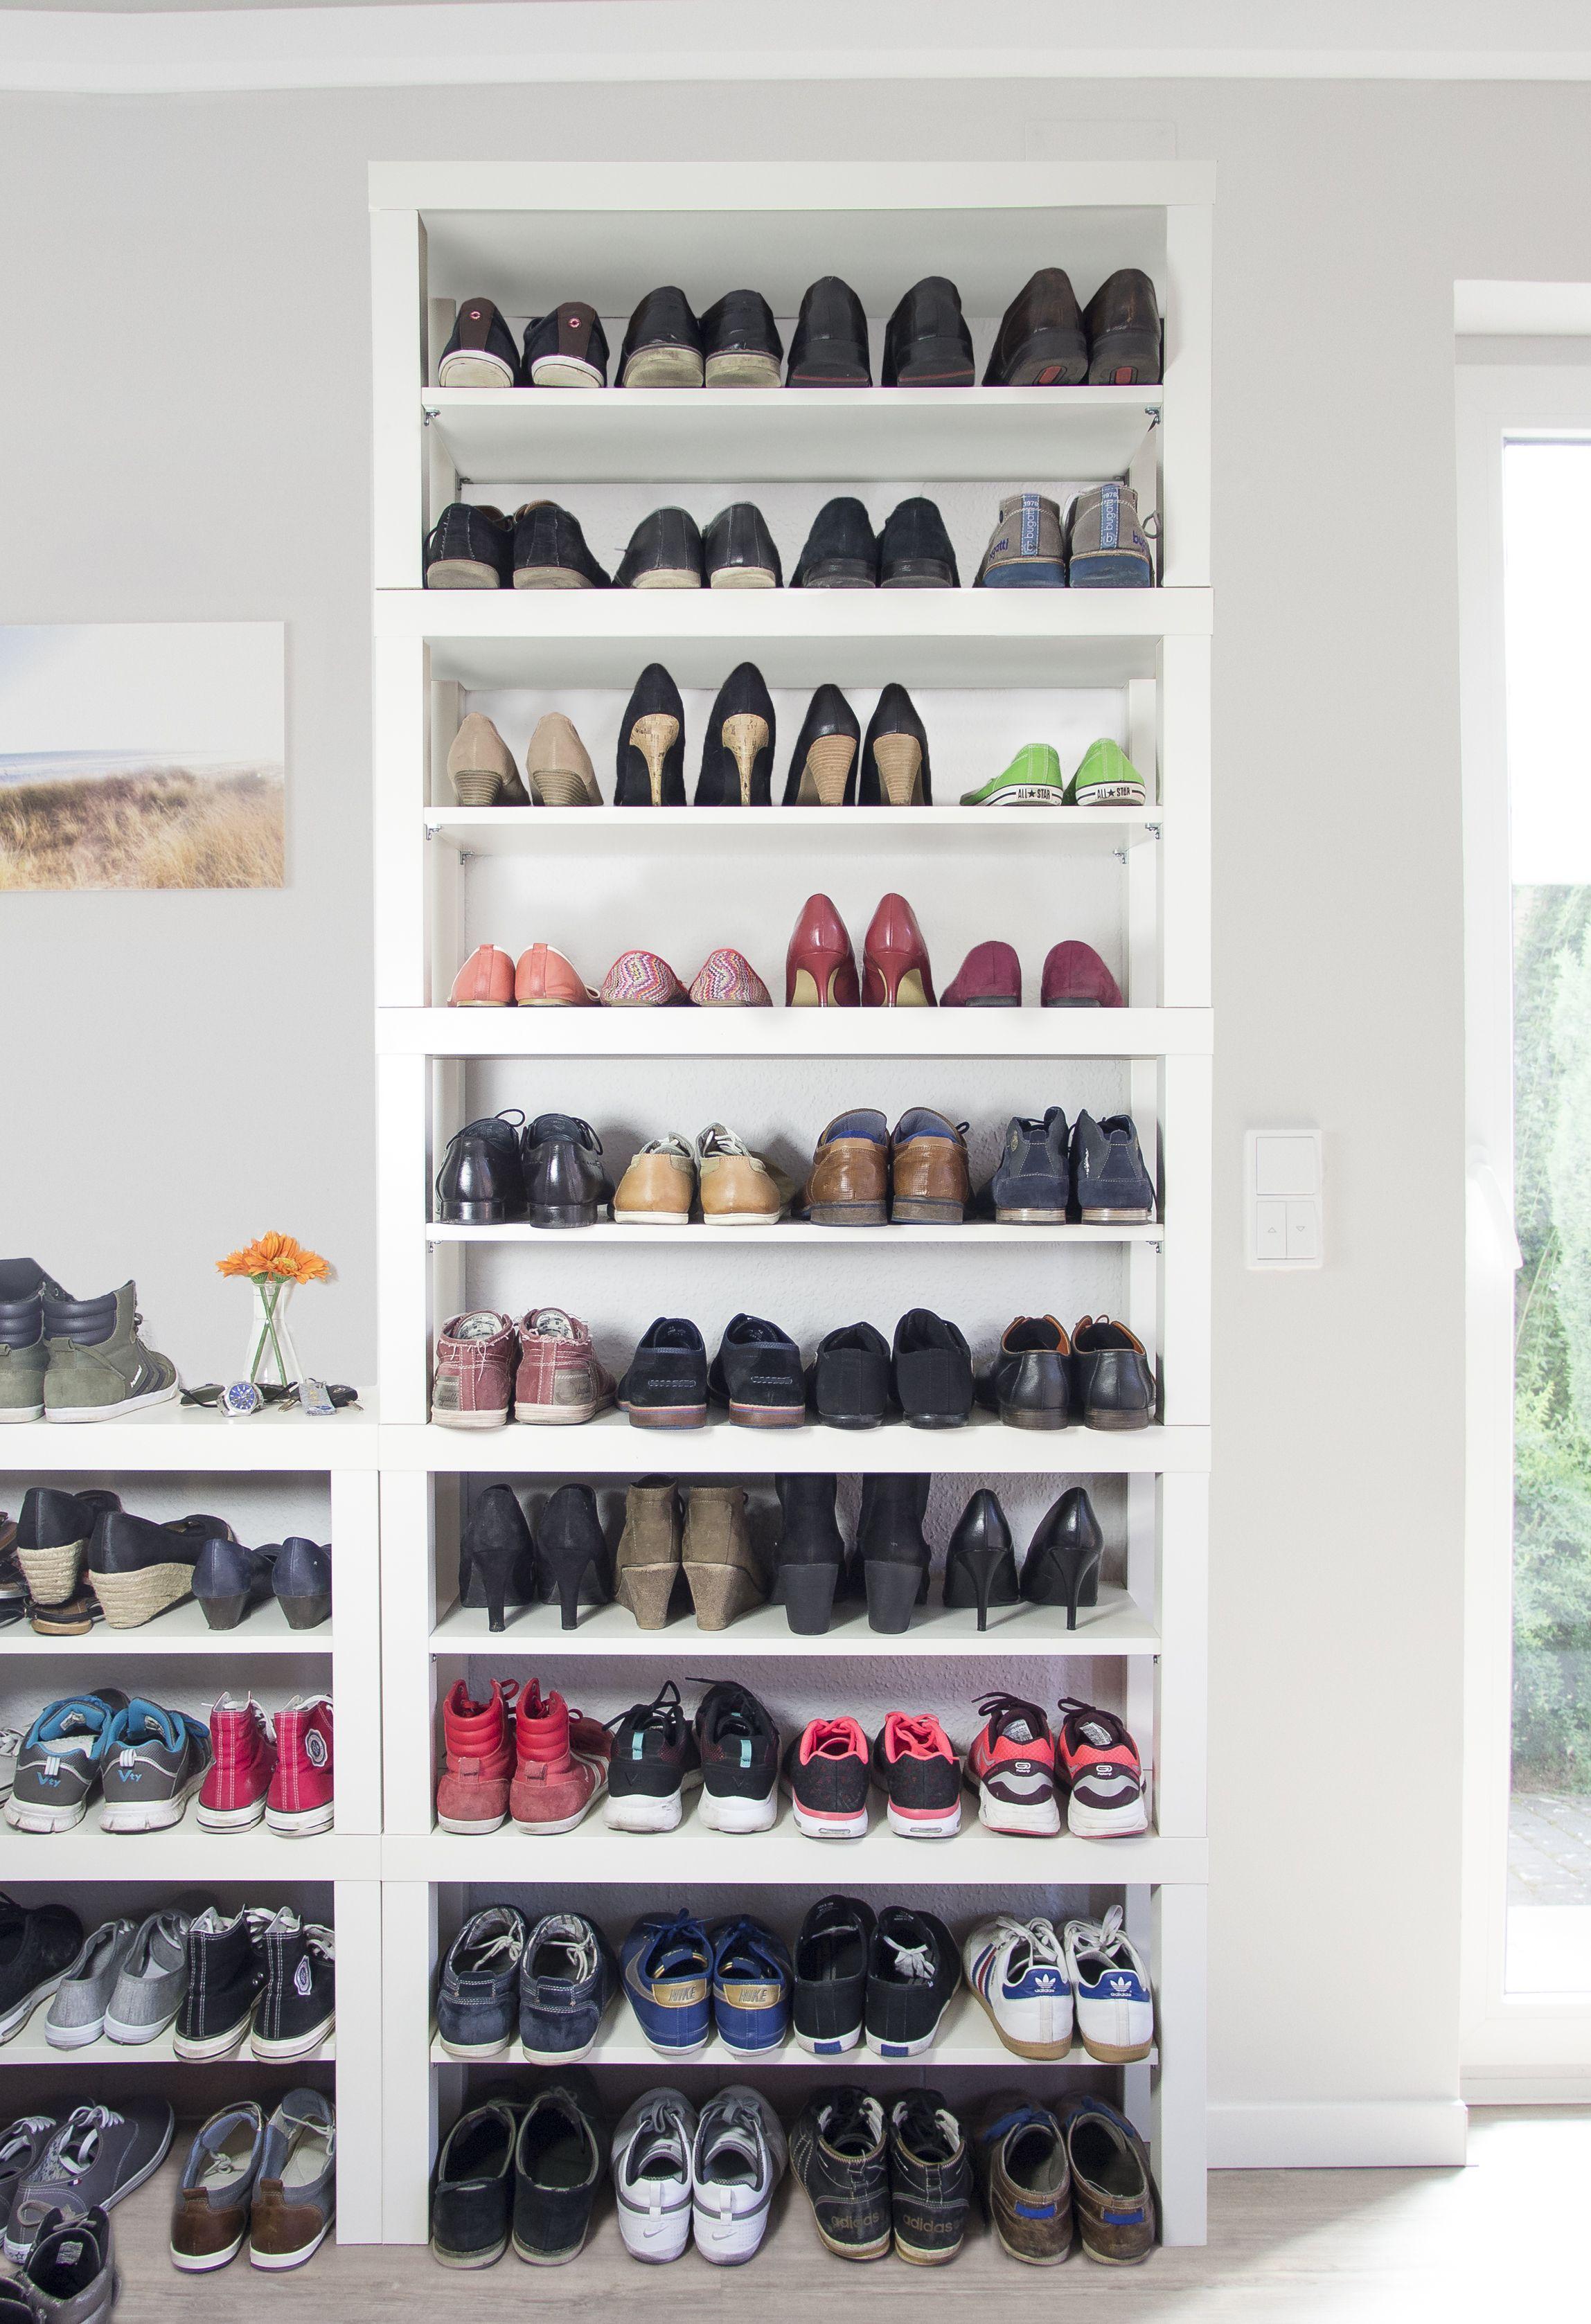 Ikea Lack Hack Einfache Und Gunstige Alternative Zum Schuhregal Schuhregal Alle Schuhe Auf Einen Blick In 2020 Ikea Mangel Schuhregal Platzsparend Schuhregal Ikea